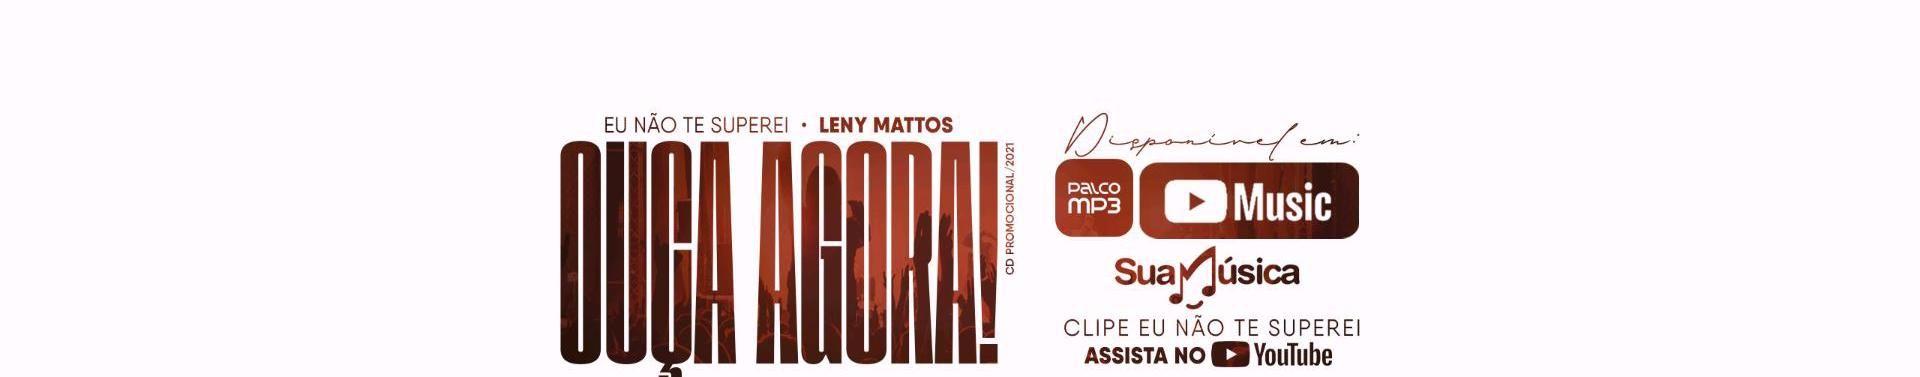 Imagem de capa de Leny Mattos